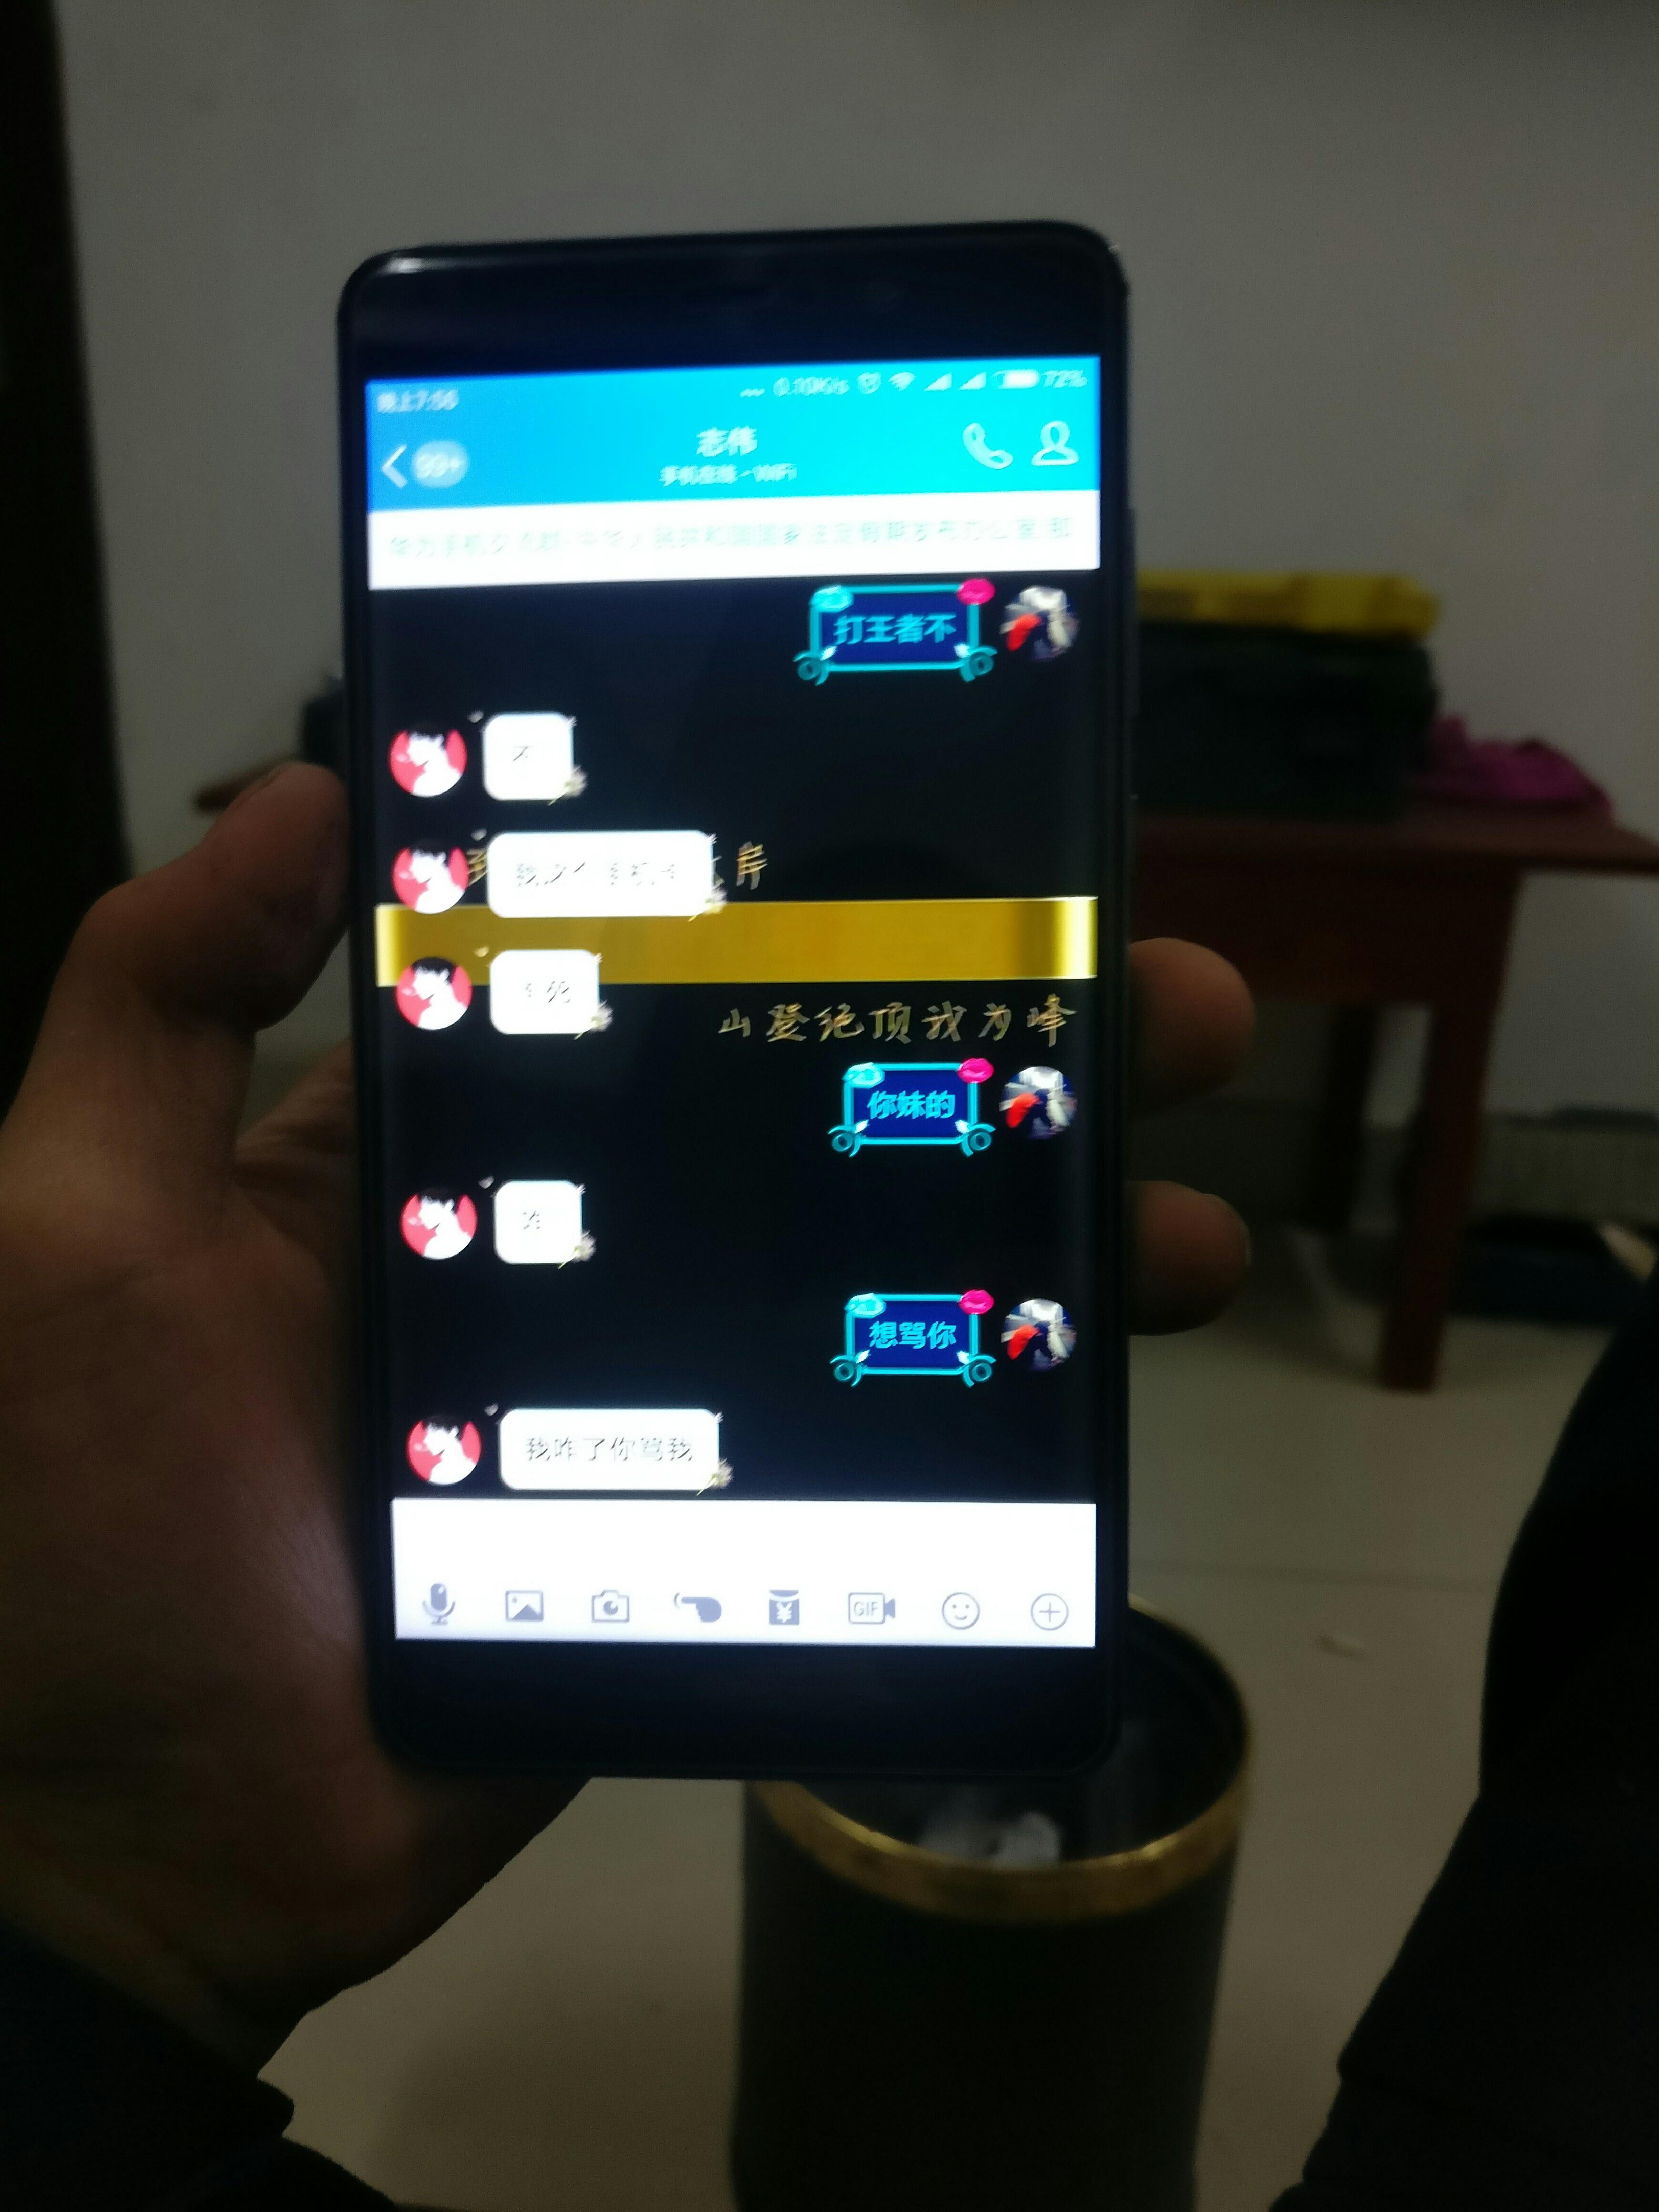 小米5splus自己更换电池难吗_小米手机5s Plus_MIUI论坛 - 手机版